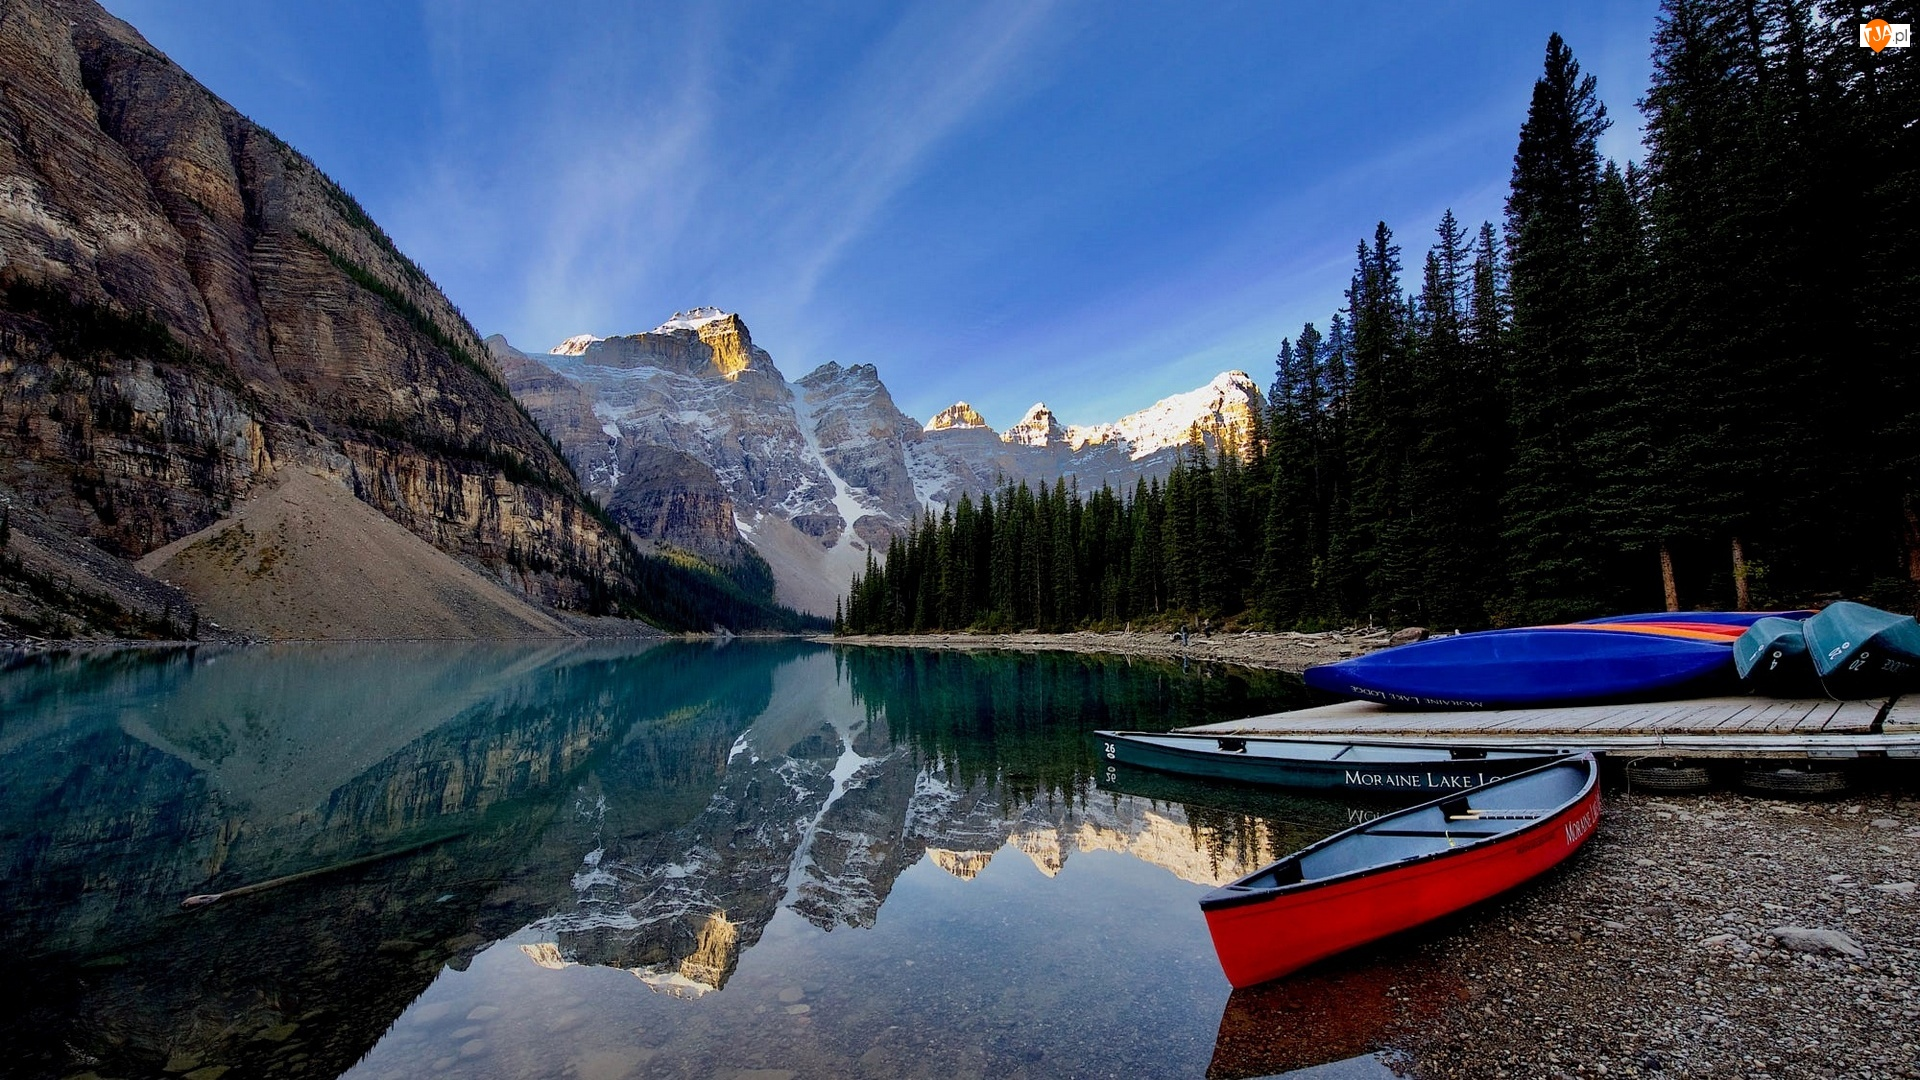 Kanada, Góry Skaliste, Alberta, Drzewa, Odbicie, Kajaki, Jezioro, Park Narodowy Banff, Moraine Lake